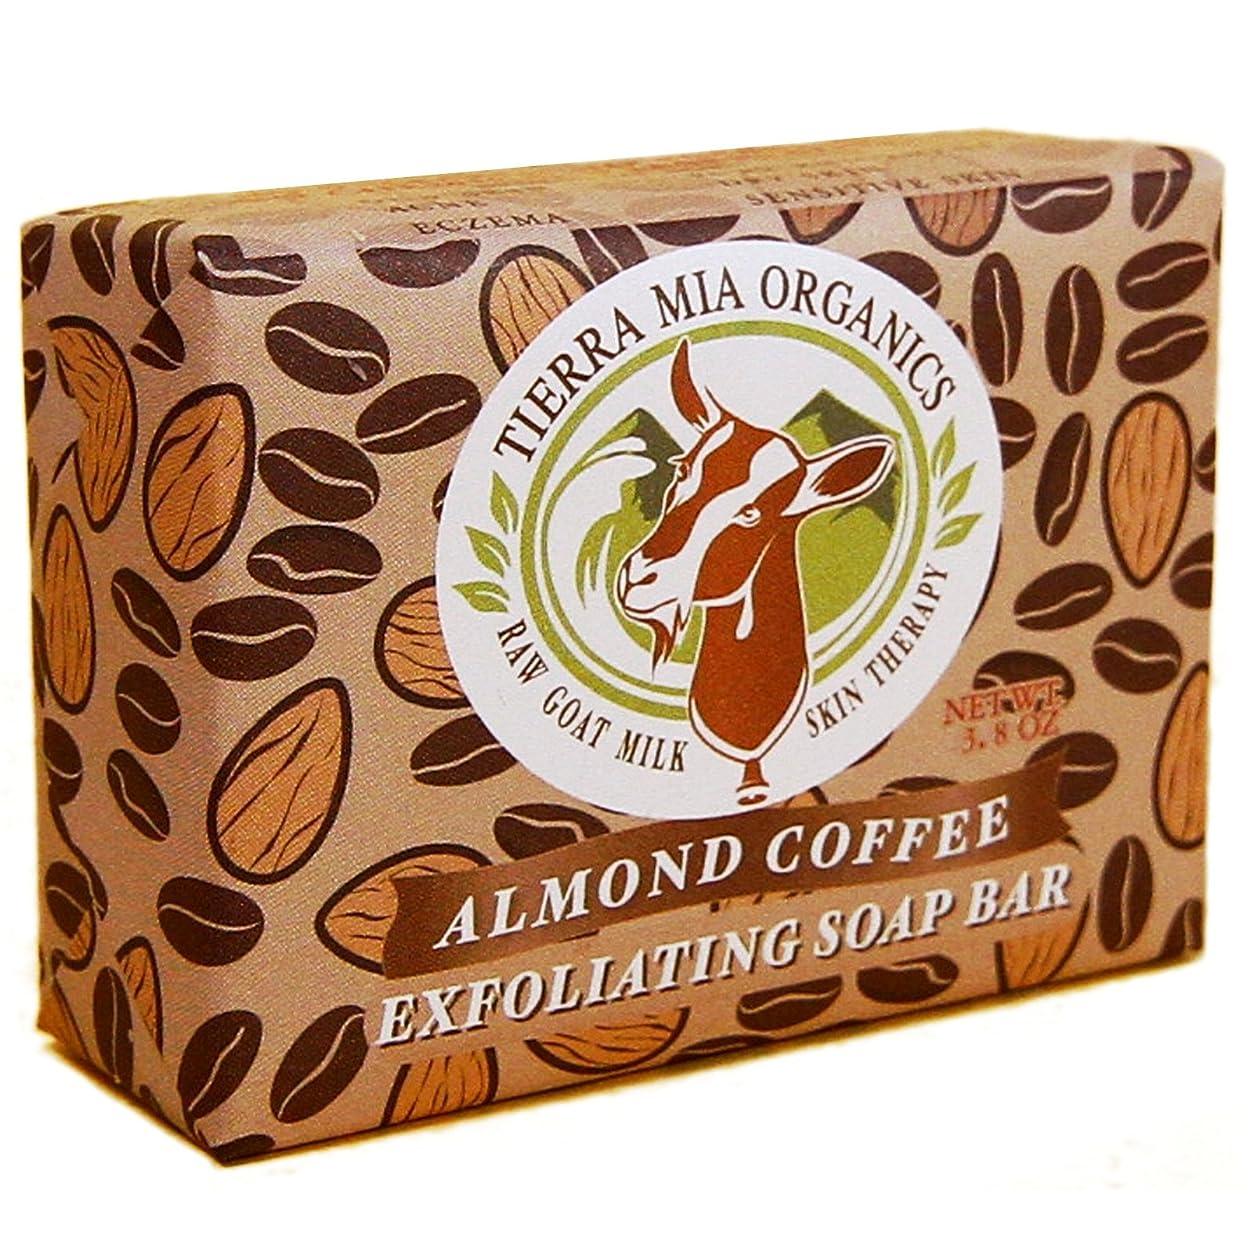 しかし適格ベジタリアンTierra Mia Organics, Raw Goat Milk Skin Therapy, Exfoliating Soap Bar, Almond Coffee, 3.8 oz